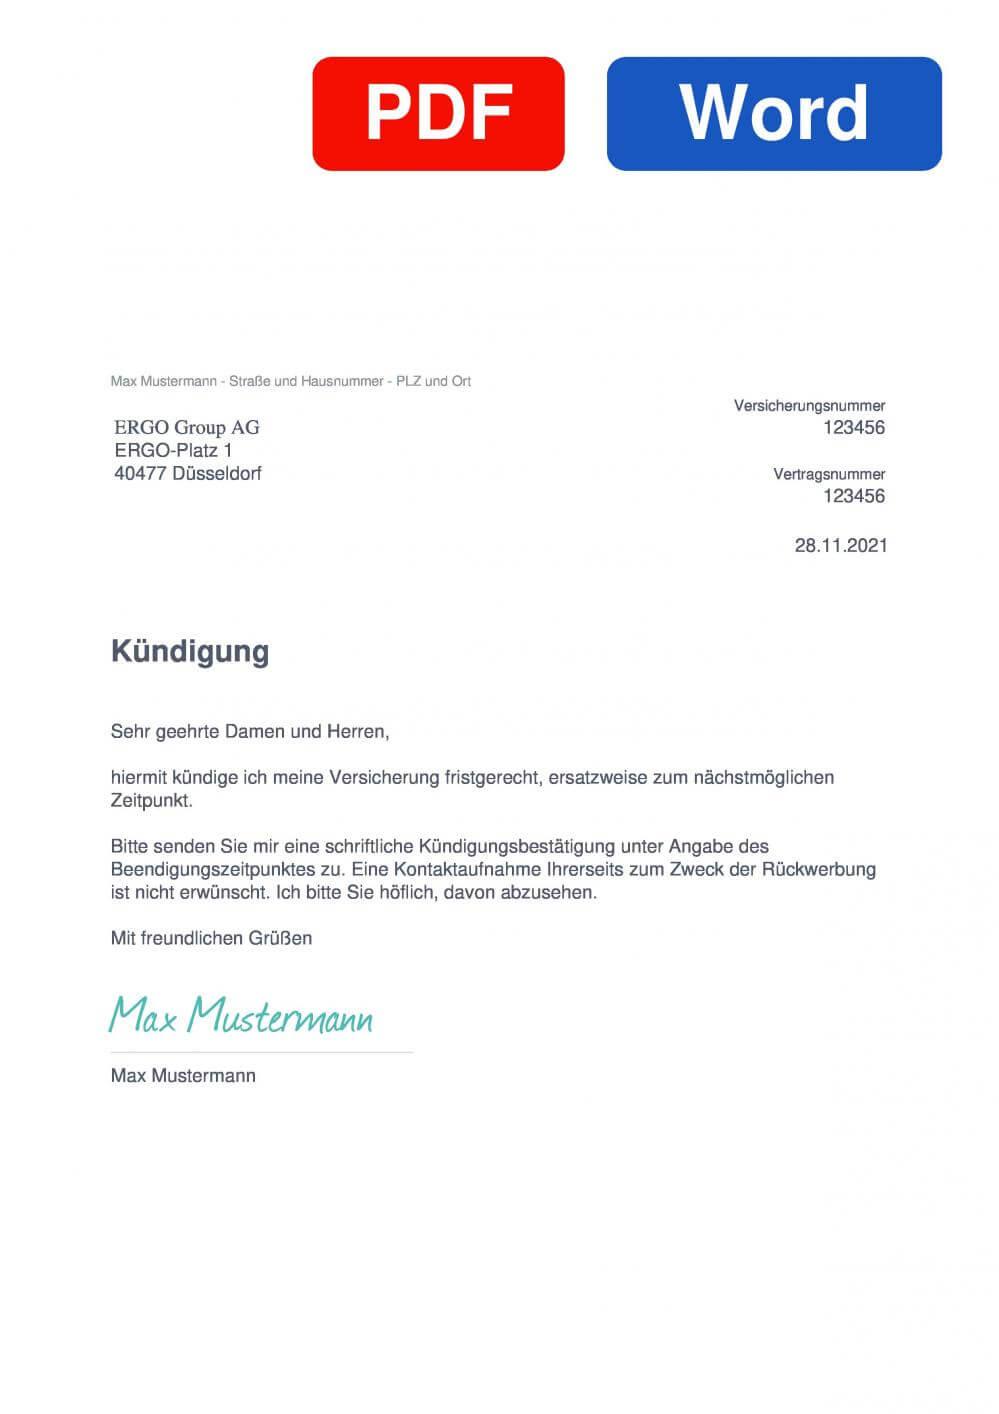 ERGO Versicherung Muster Vorlage für Kündigungsschreiben